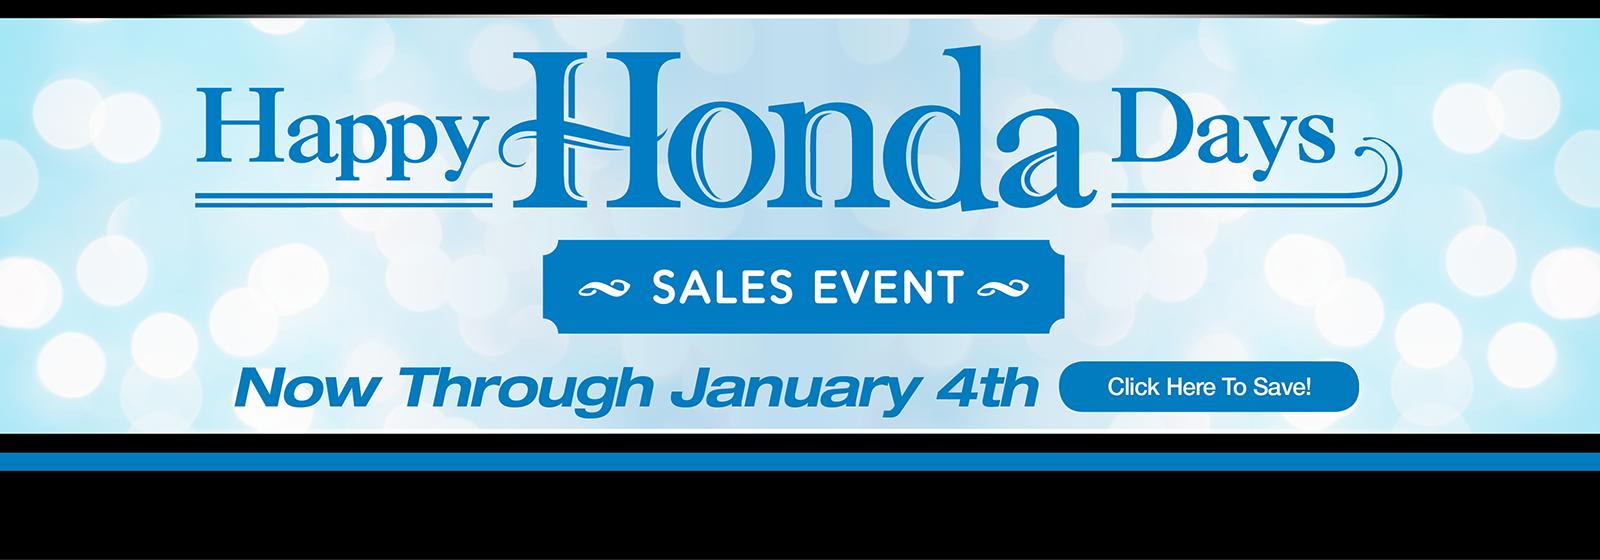 HVH-134 Happy Honda Days Slides 1600×560 Nov